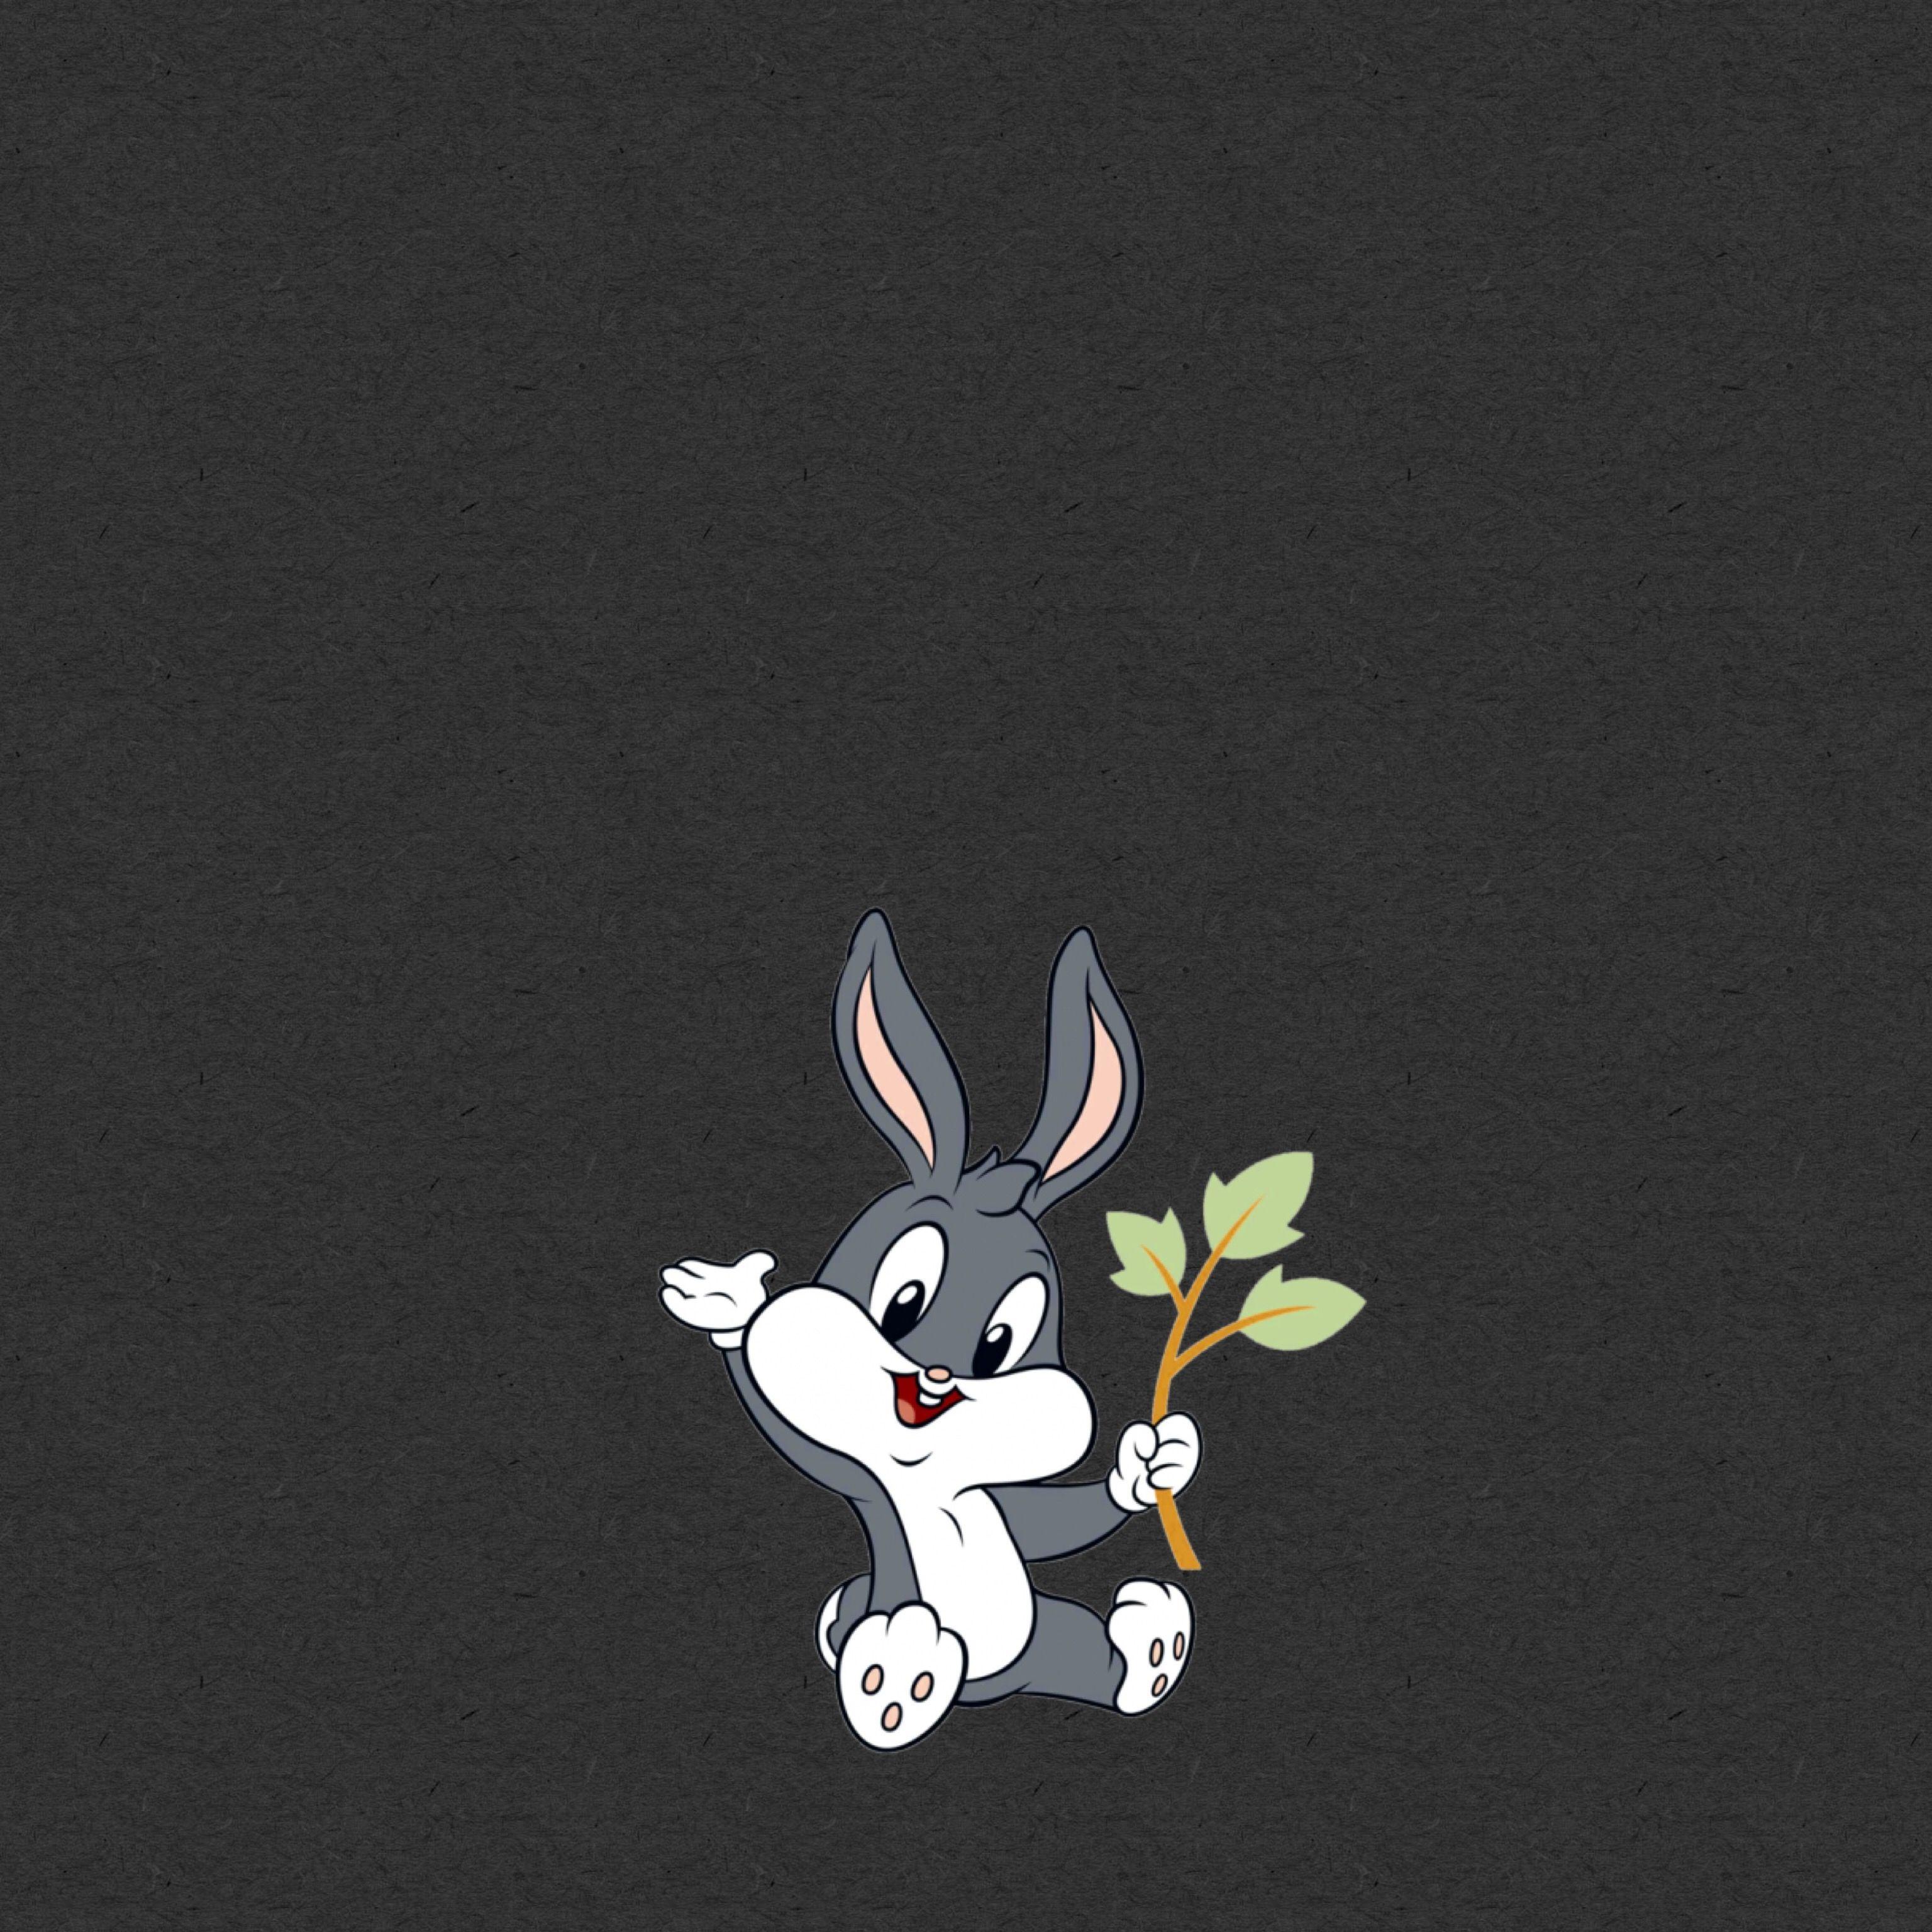 Duvar Kagidi Disney Phone Wallpaper Bunny Cute Bugs Bunny